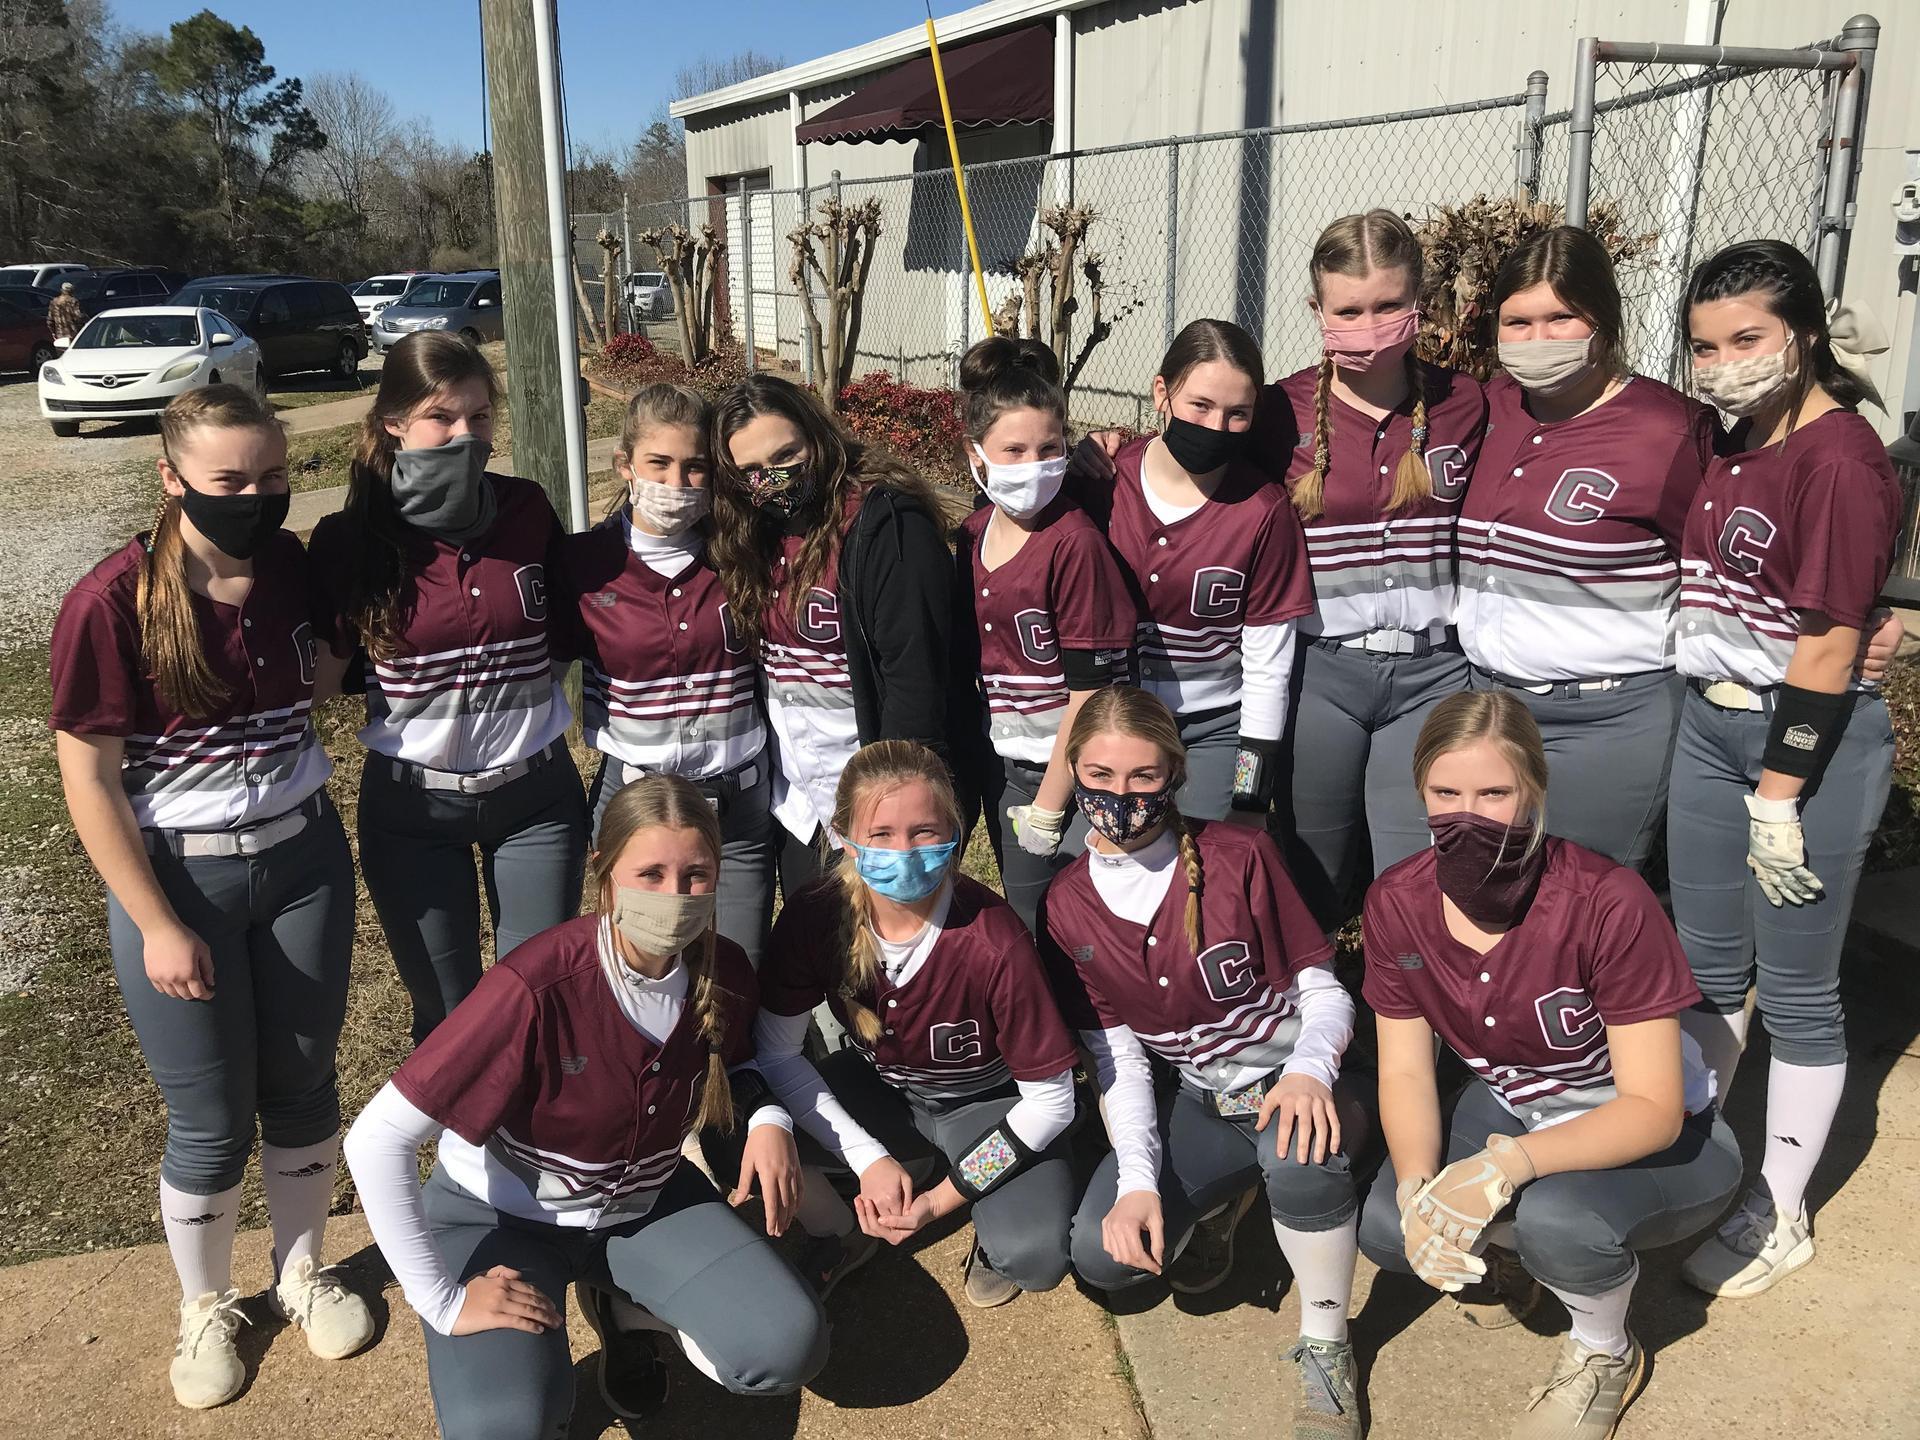 CHS Softball Team